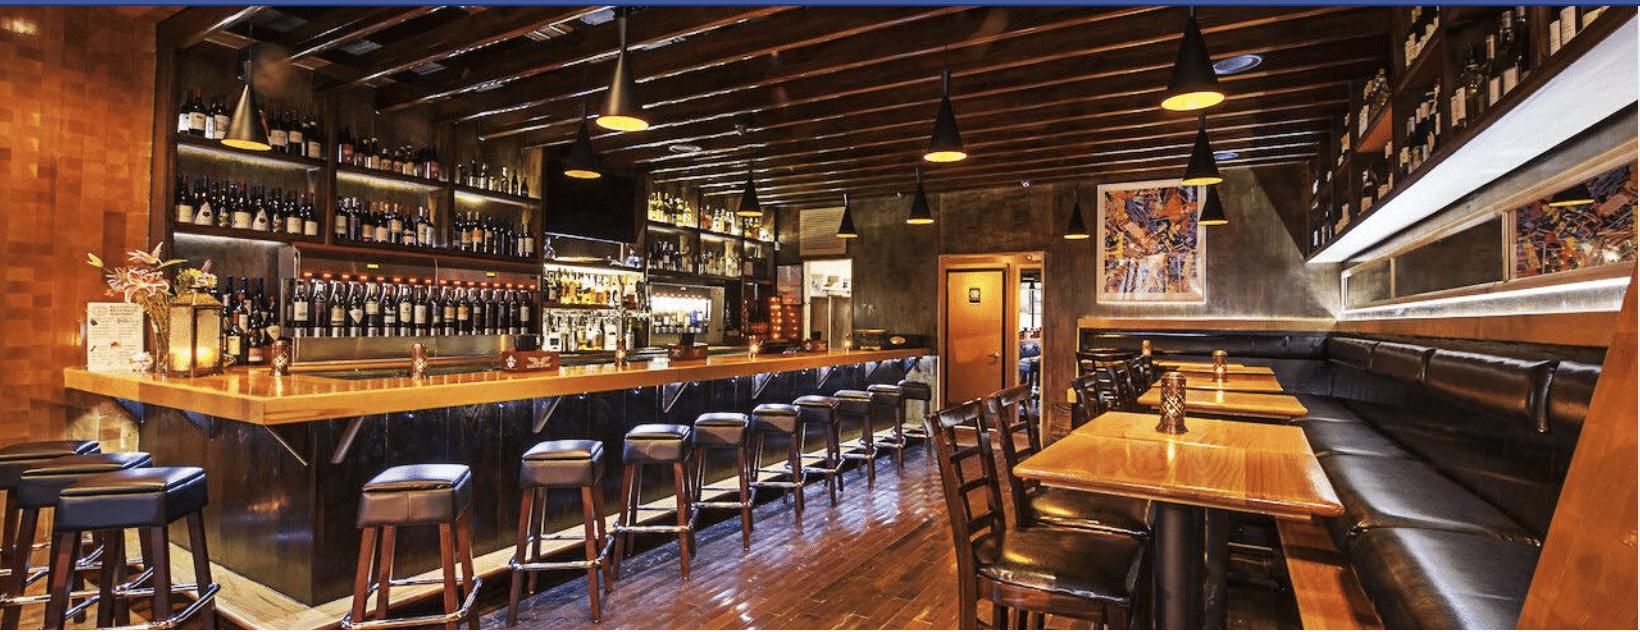 Bar & lounge area at Bin 1301